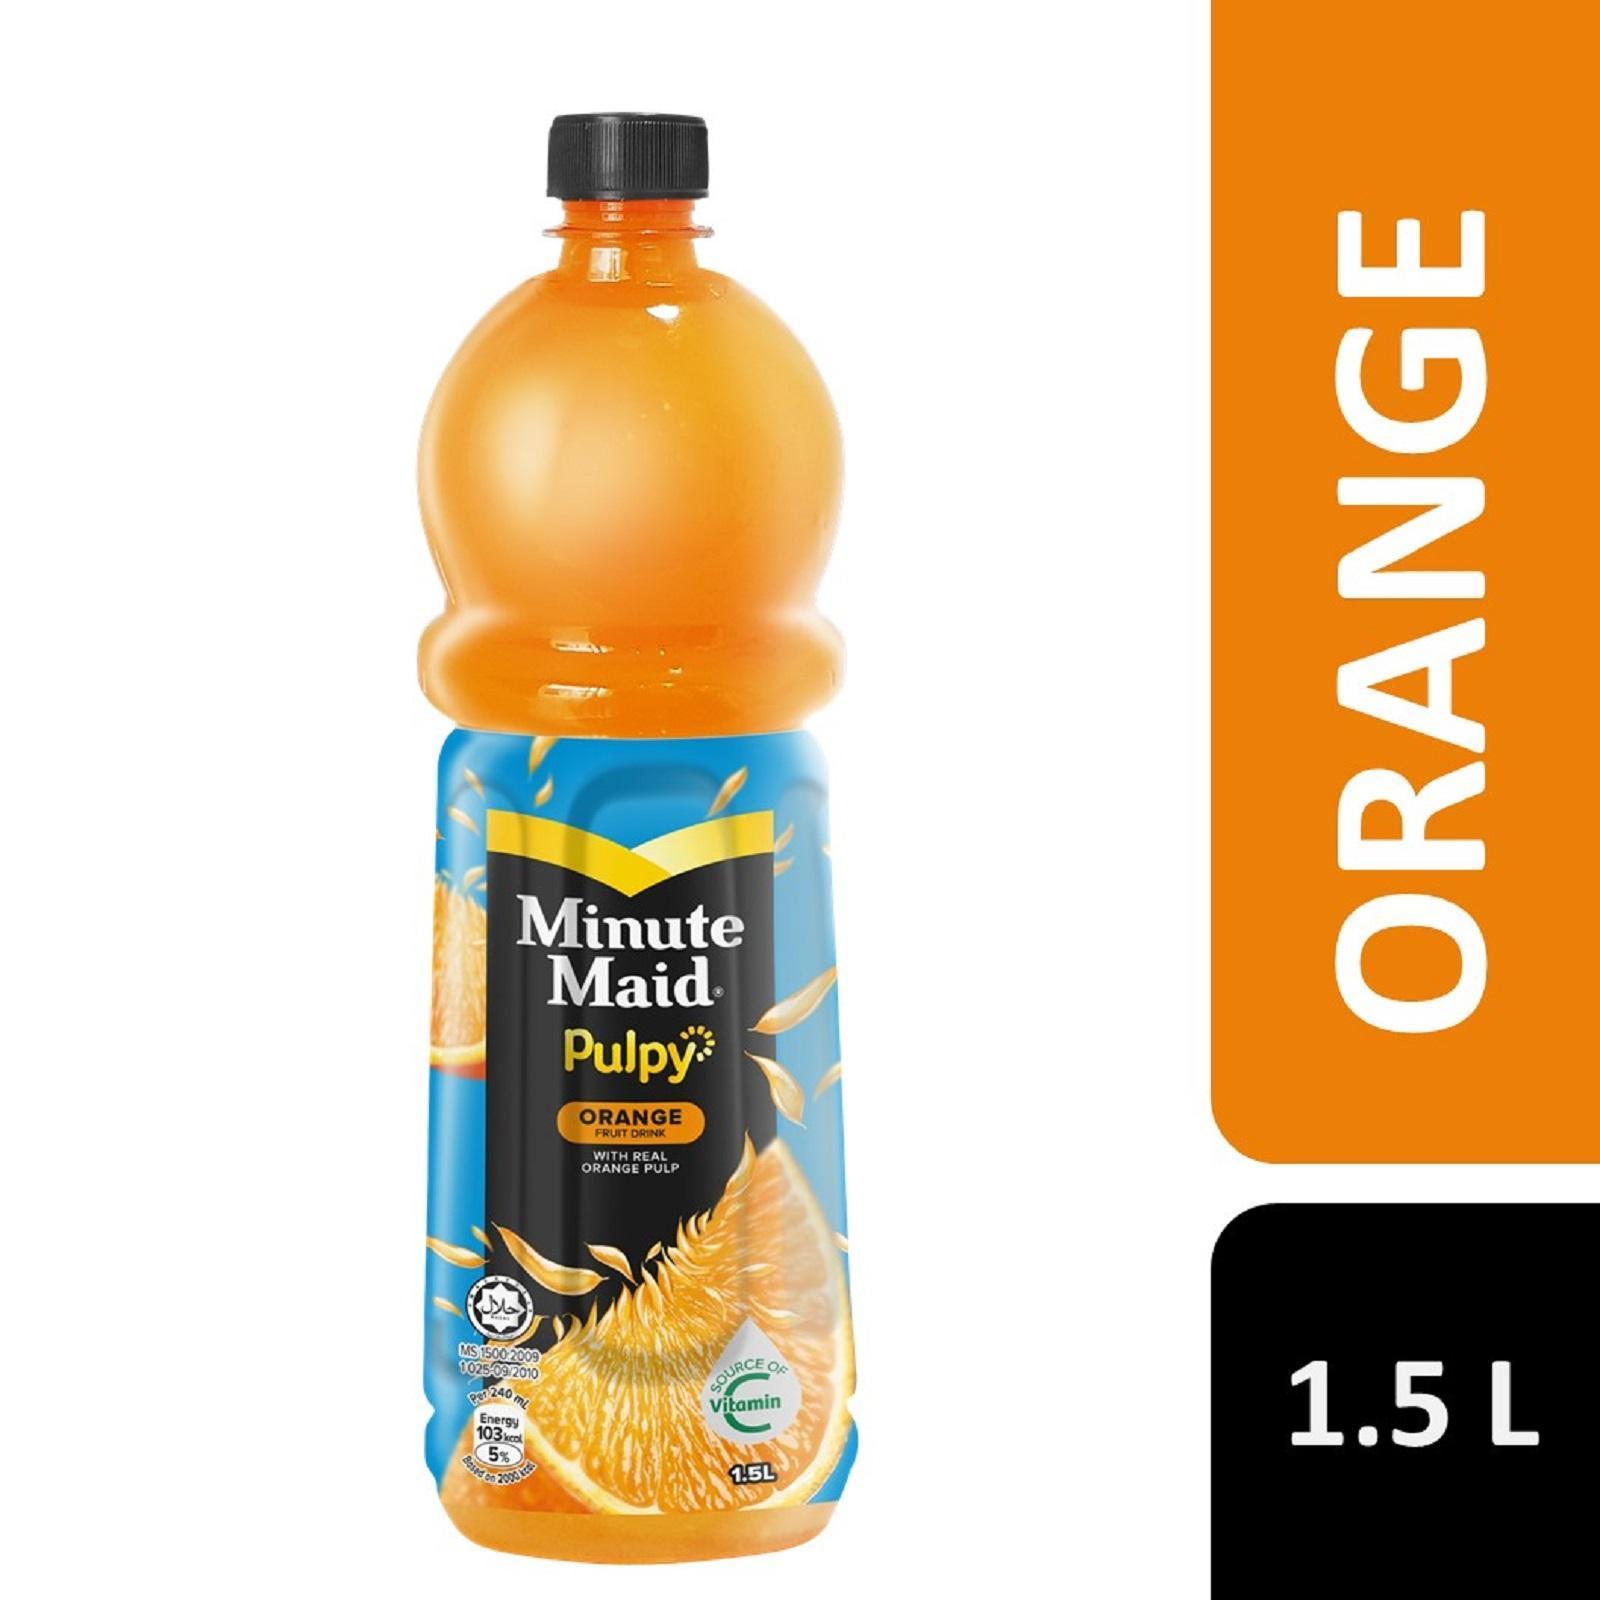 Minute Maid Pulpy Orange Juice